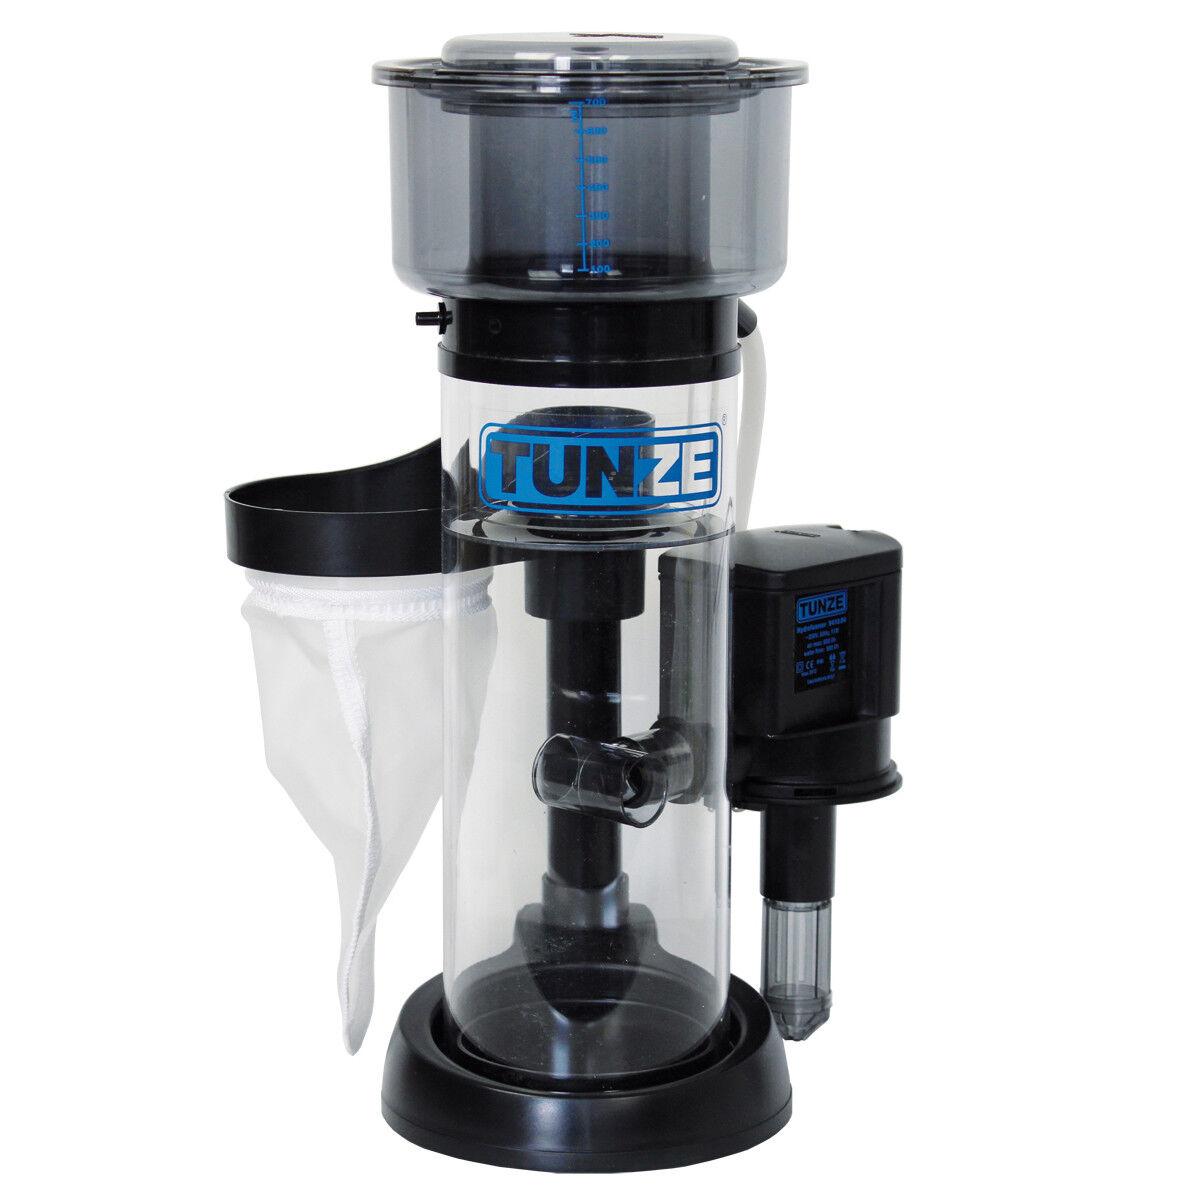 Tunze Co ine DOC 9410 Protein Skimmer SALTWATER MARINE REEF AQUARIUM 9004.000